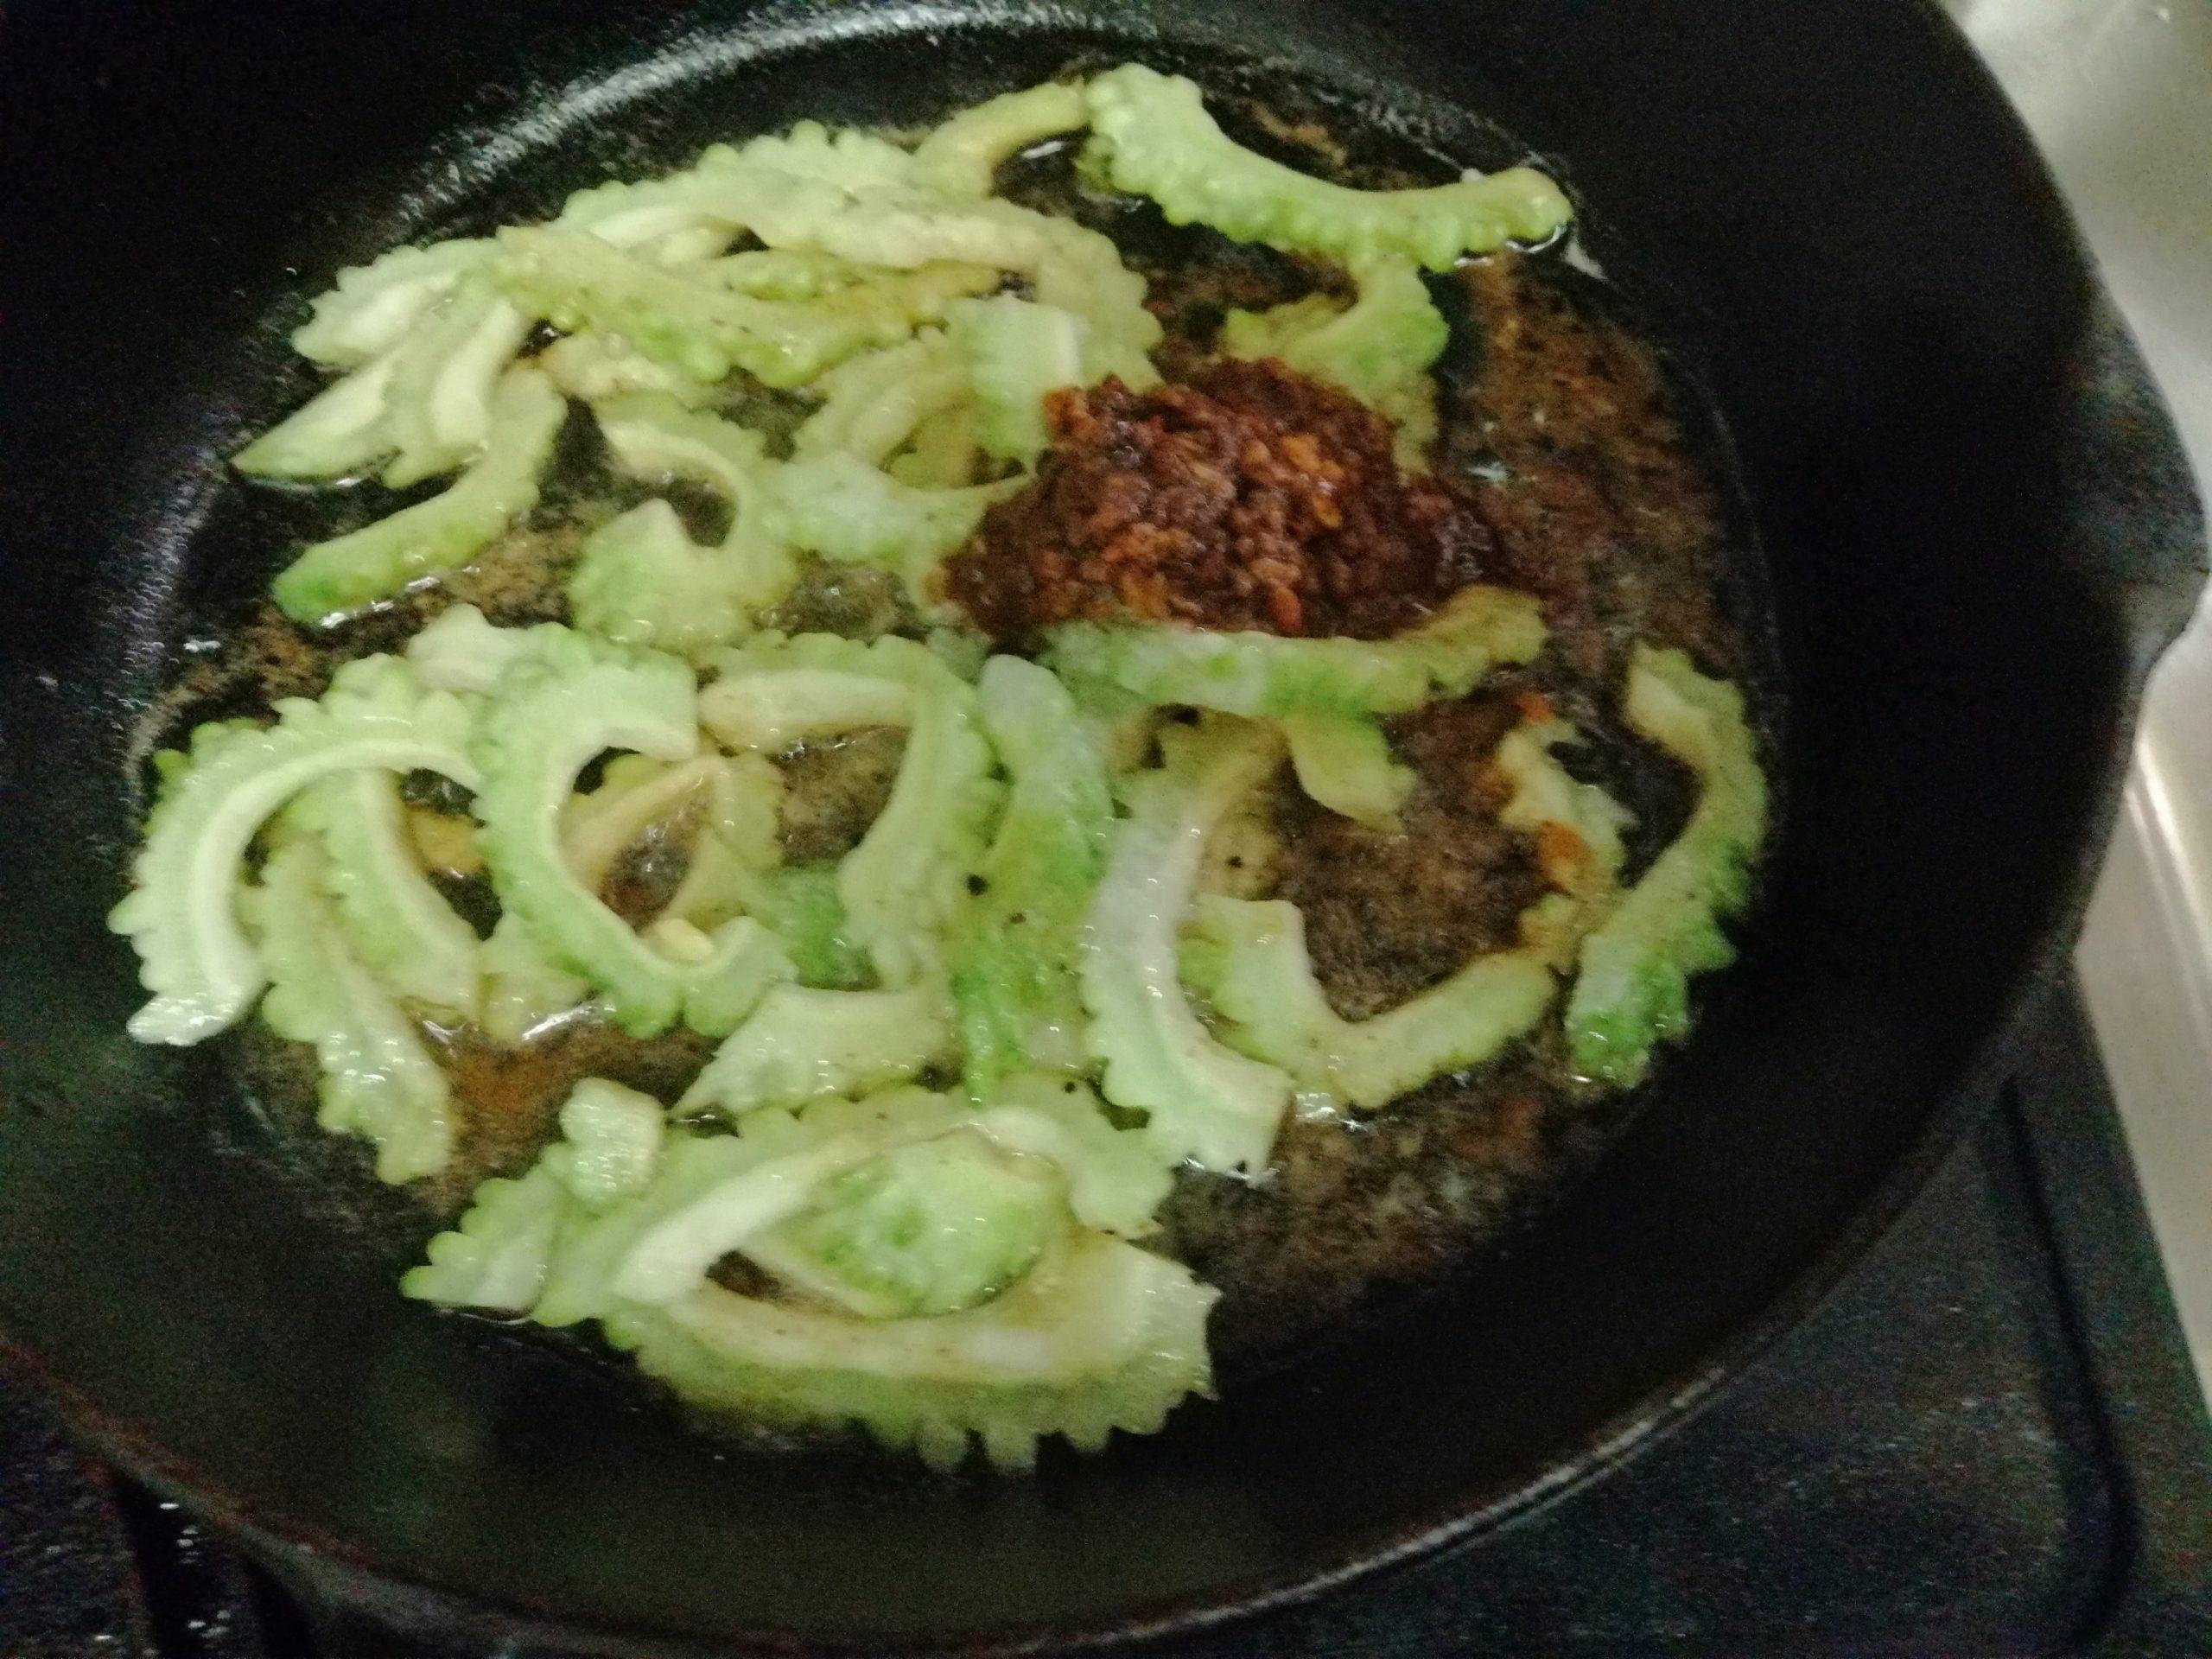 鹿児島県の郷土料理「にがごい(ゴーヤ)の油炒め」7